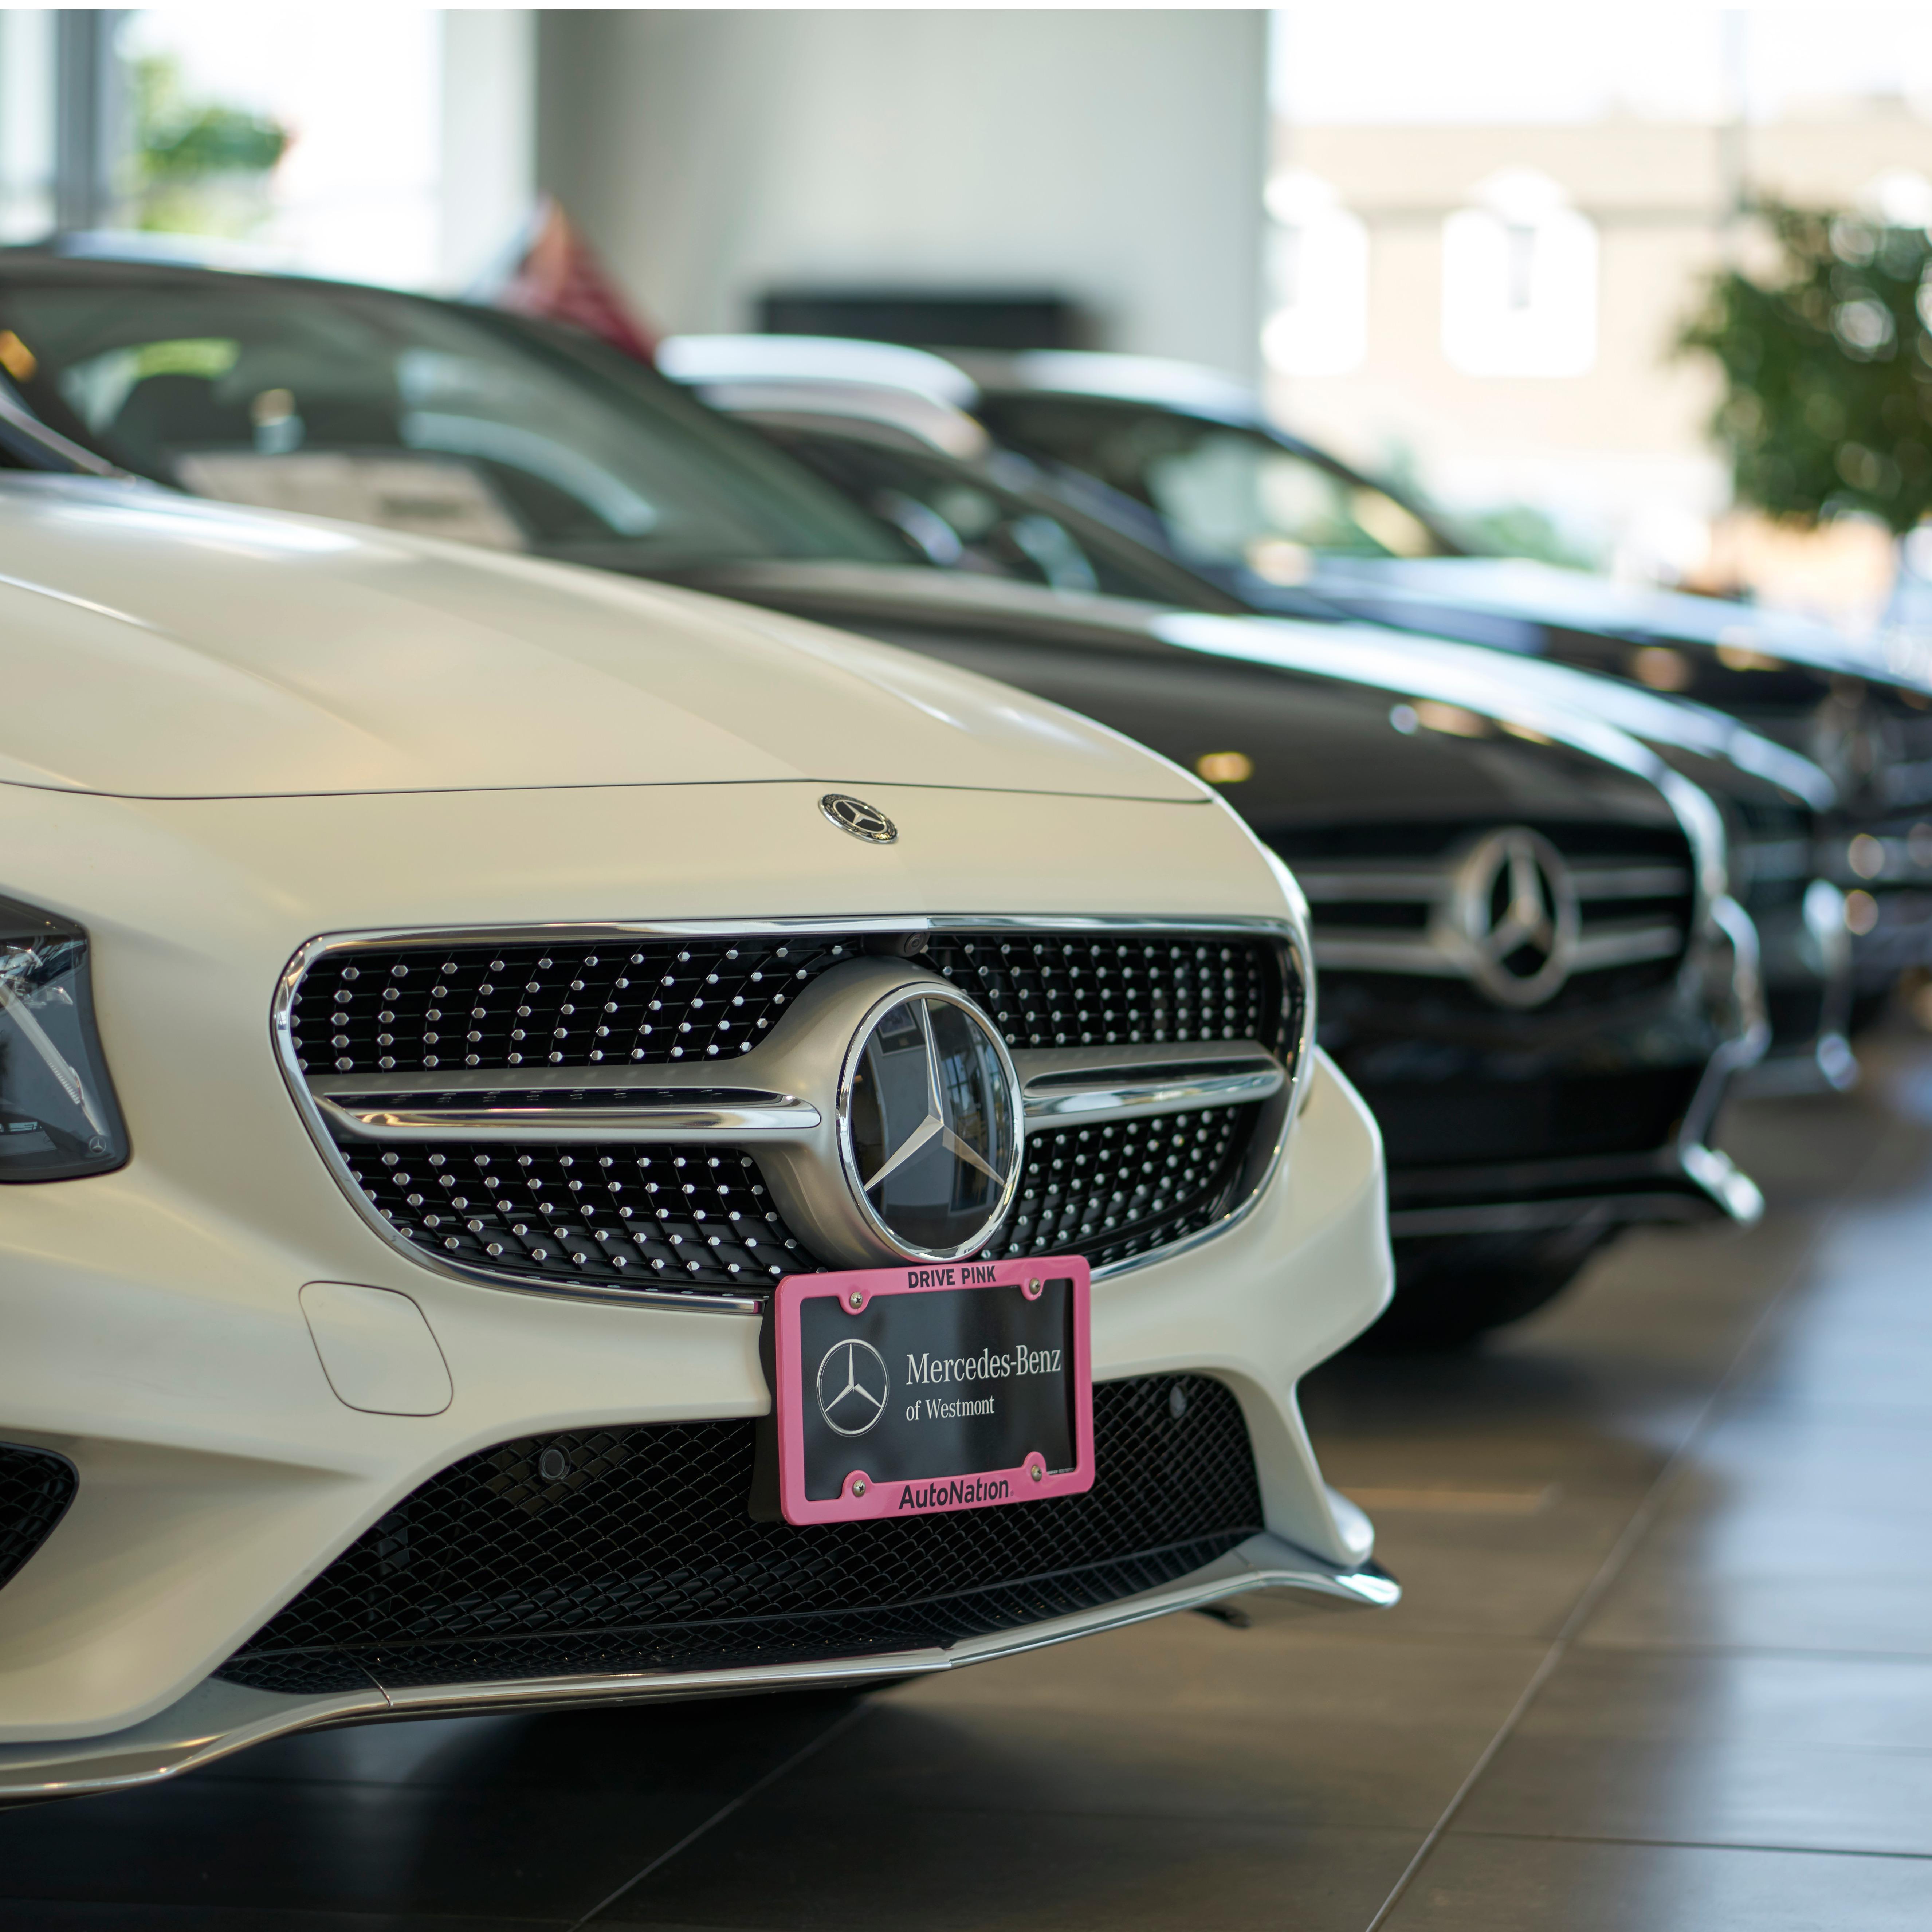 Mercedes-Benz of Westmont Service Center 200 East Ogden ...